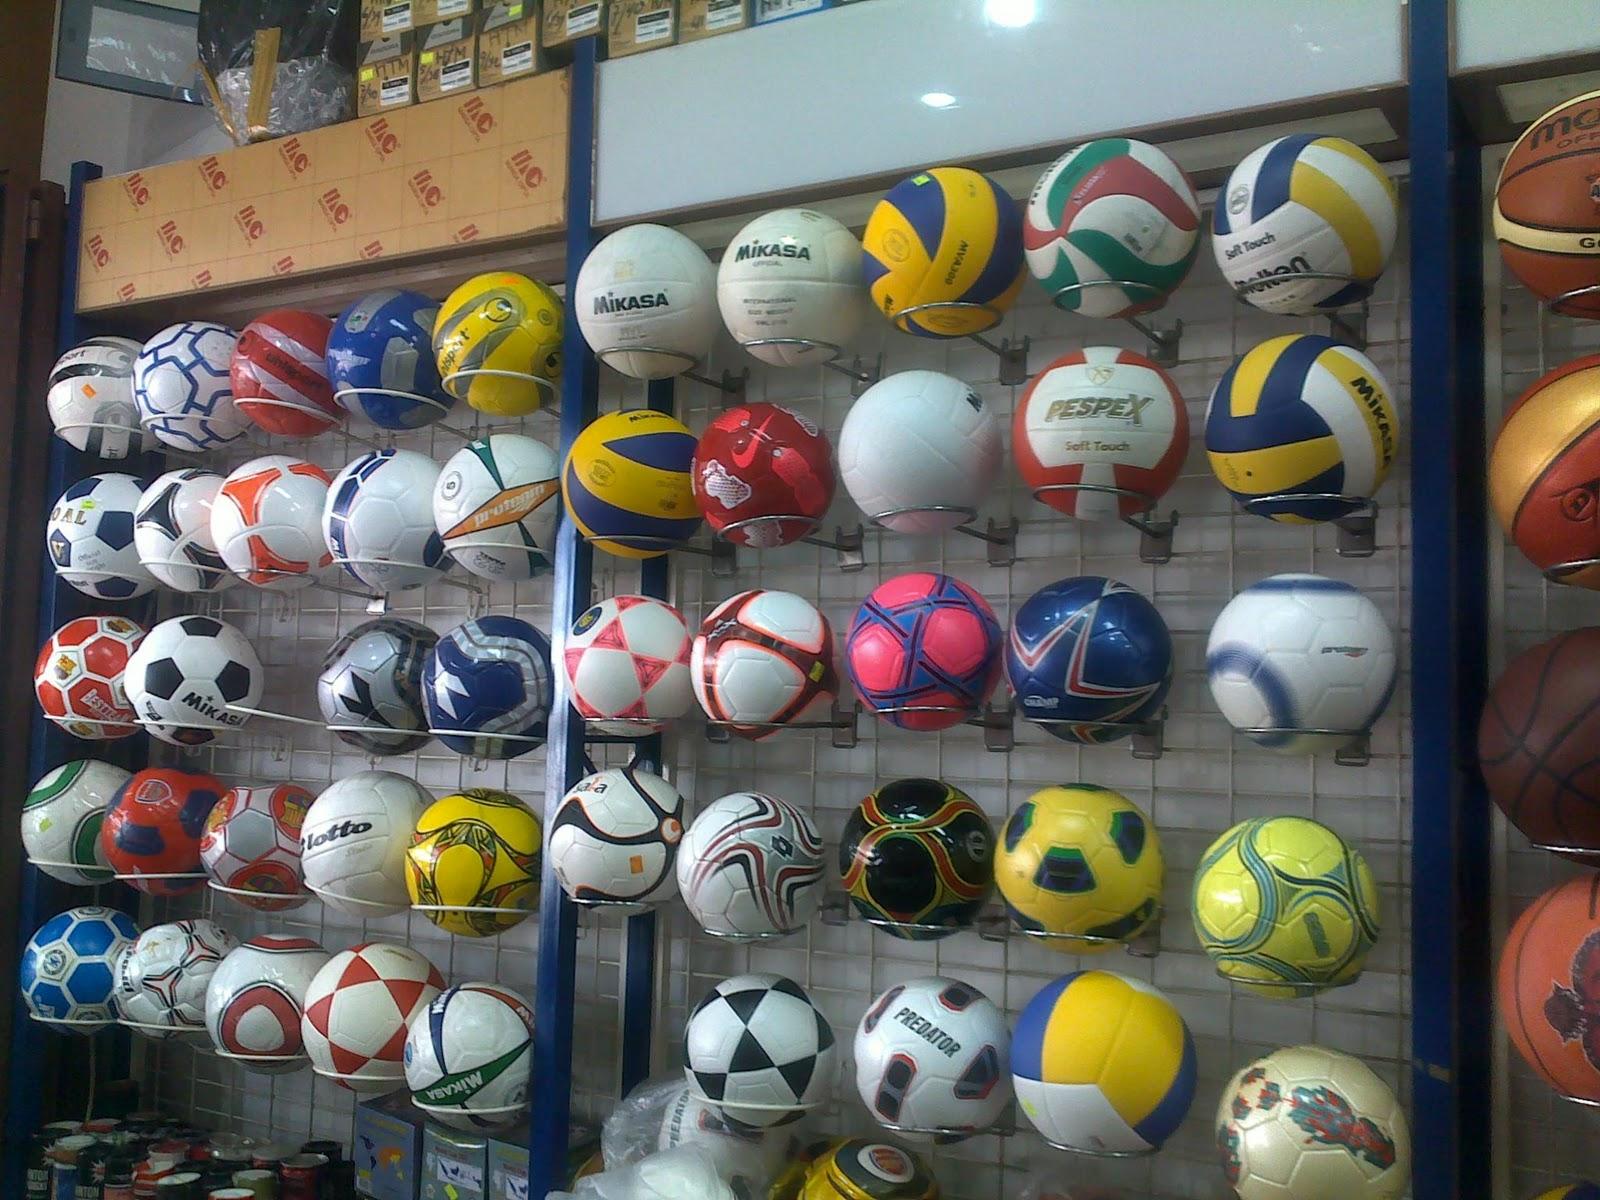 jelitasportpadang: Toko olahraga terlengkap di Padang